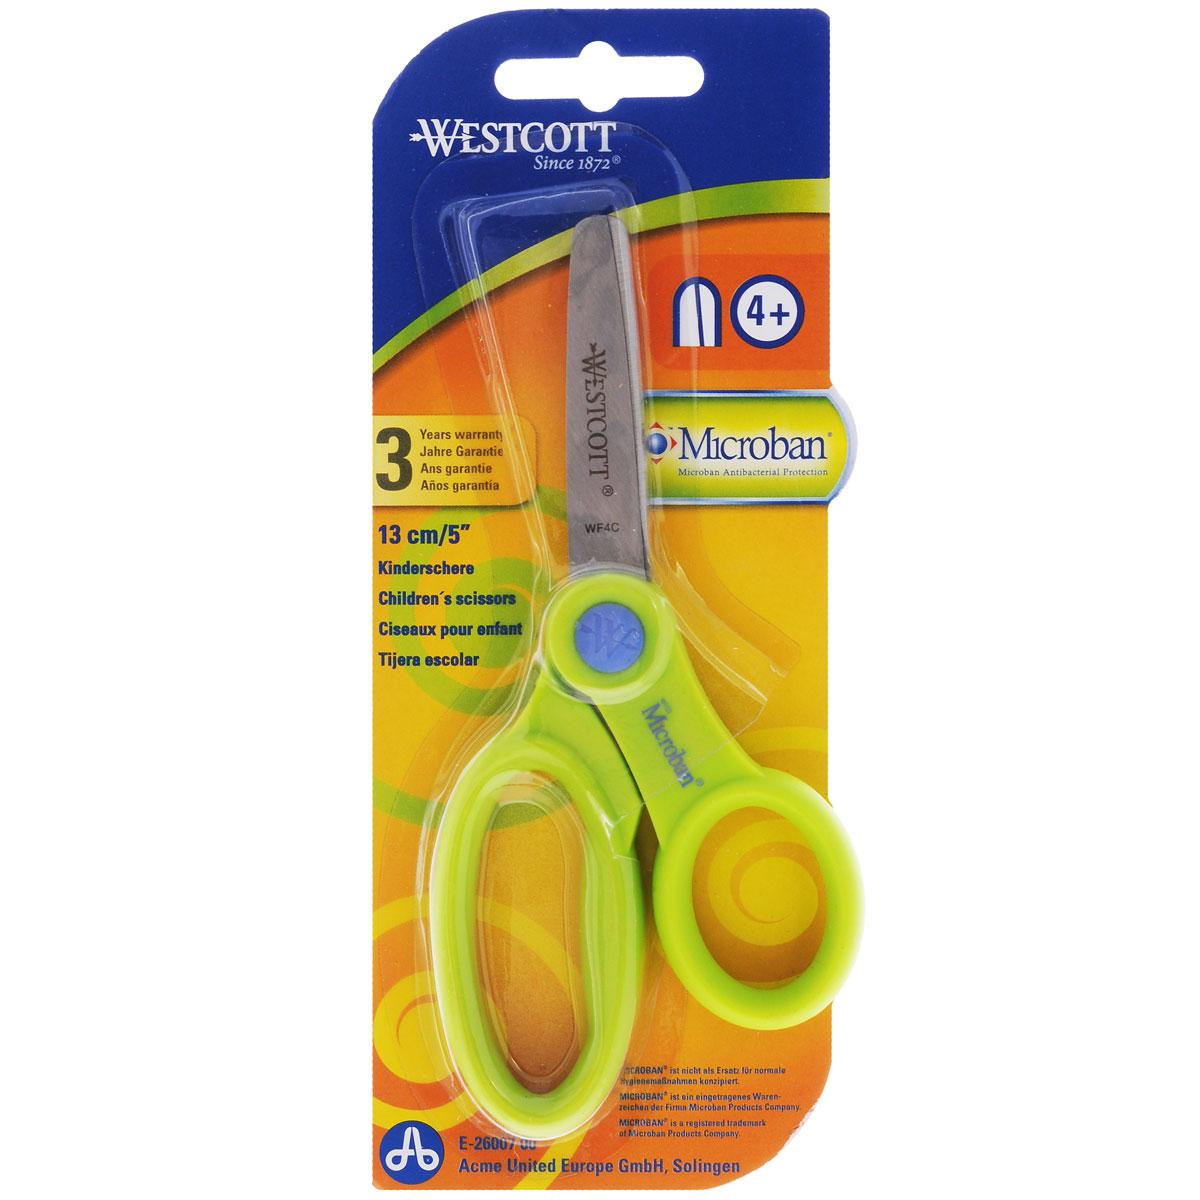 Ножницы детские Westcott, с антибактериальным покрытием, цвет: салатовый, 13 смЕ-26007 00_салатовыйДетские ножницы Westcott предназначены для резки бумаги, картона, текстиля. Лезвия выполнены из особо прочной нержавеющей стали, пластиковые ручки адаптированы для детской руки.Антибактериальное покрытие Microban эффективно удаляет с поверхности ножниц 99% бактерий, обеспечивая надежную, длительную и антибактериальную защиту ребенка на протяжении всего срока службы. Рекомендуемый возраст: от 4 лет.